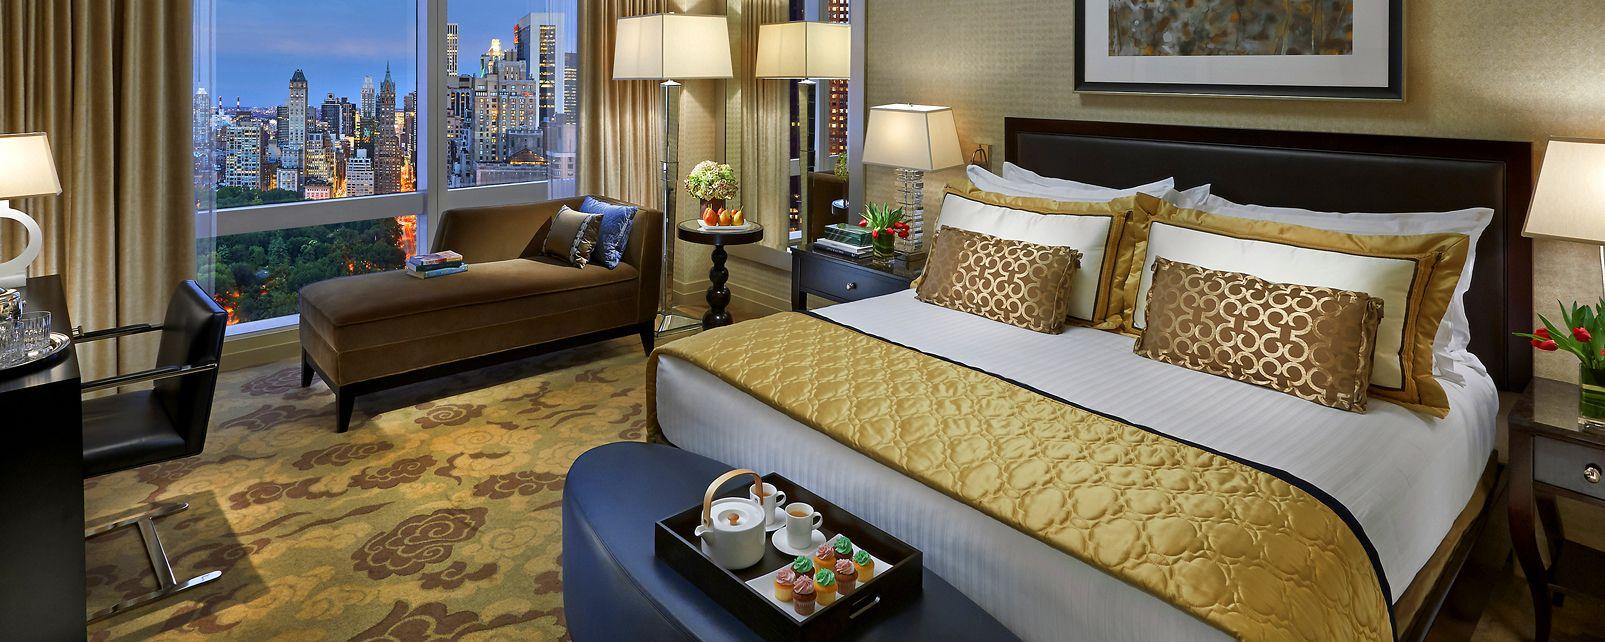 ... hotel pas cher hôtels pas chers à new york hotels com les hôtels